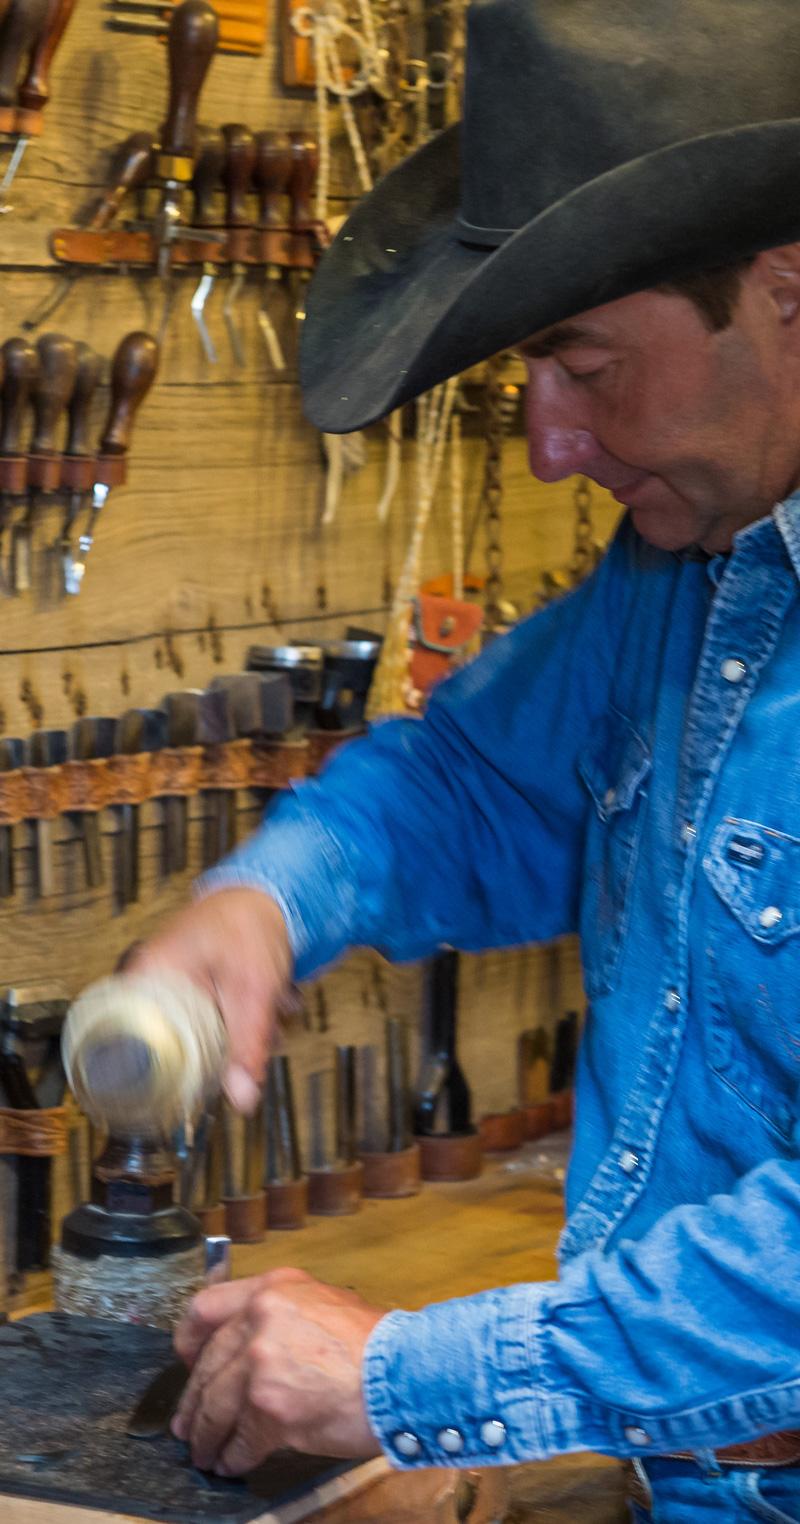 Clint-Working-in-Shop-3.jpg